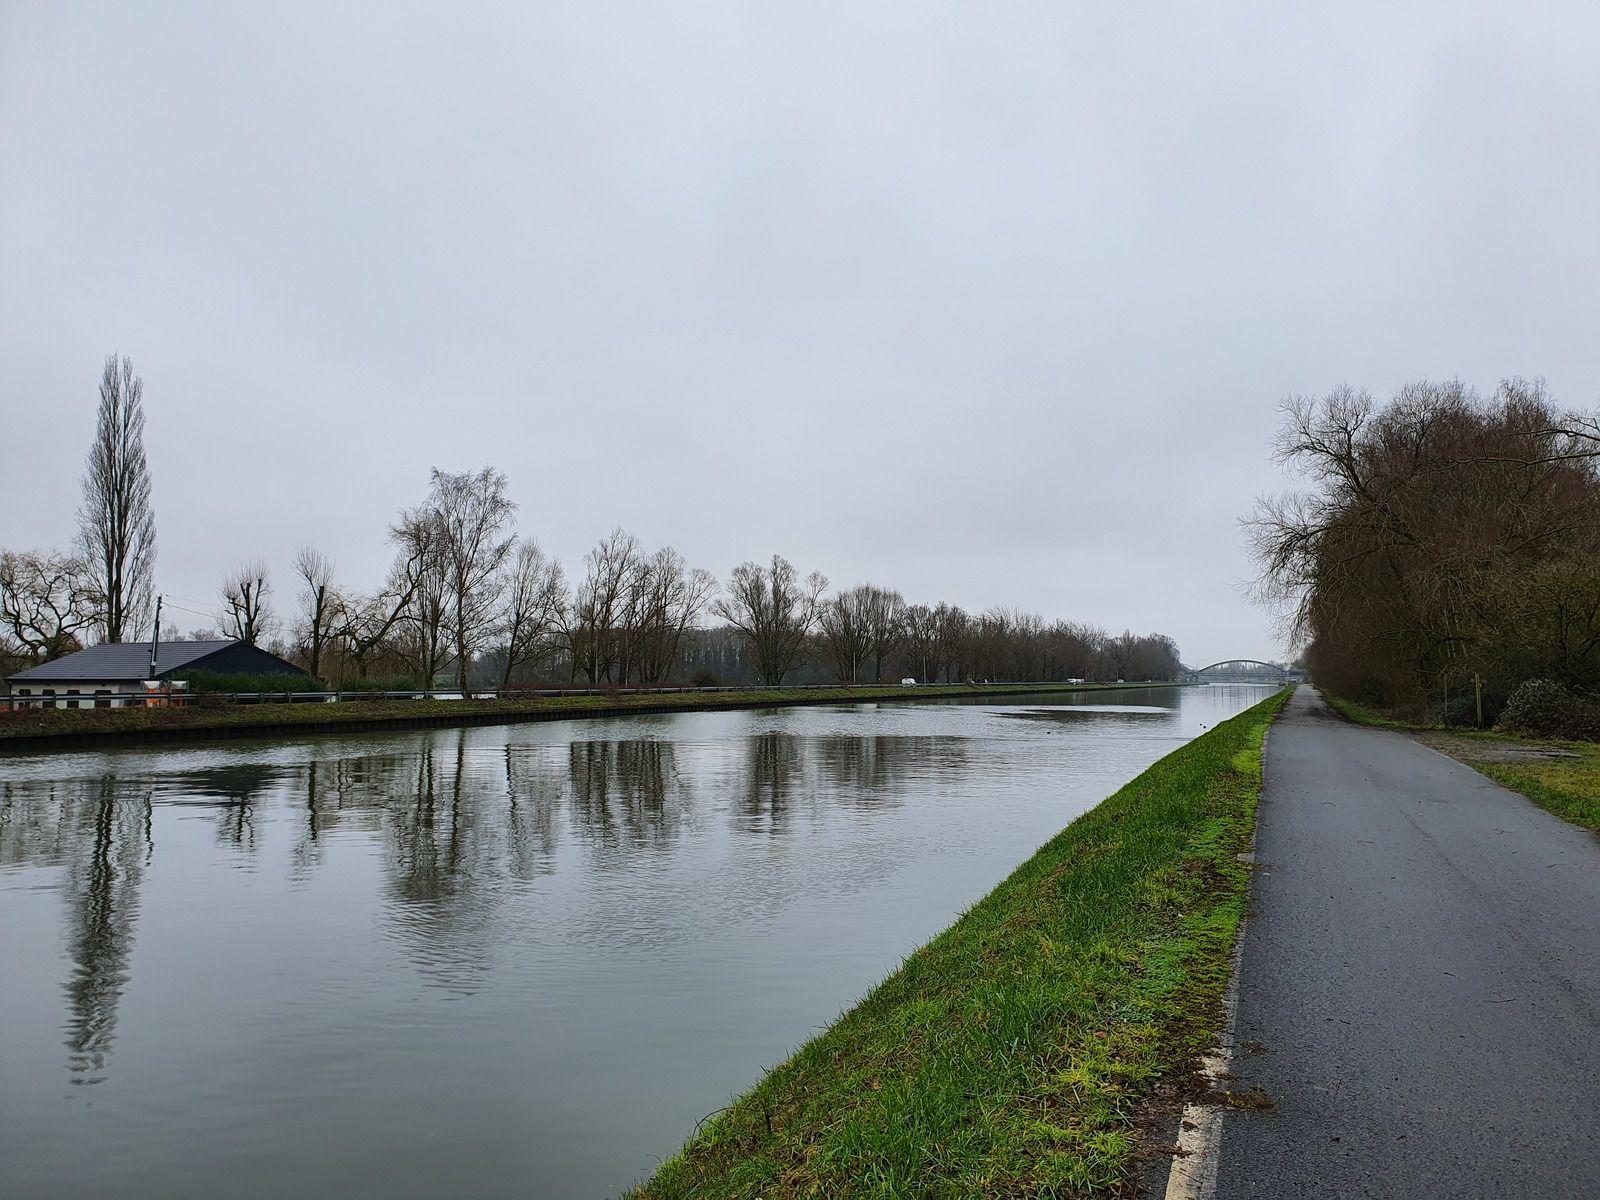 Entre canal de la Deûle et ancienne usine Nitrochimie, Billy-Berclau